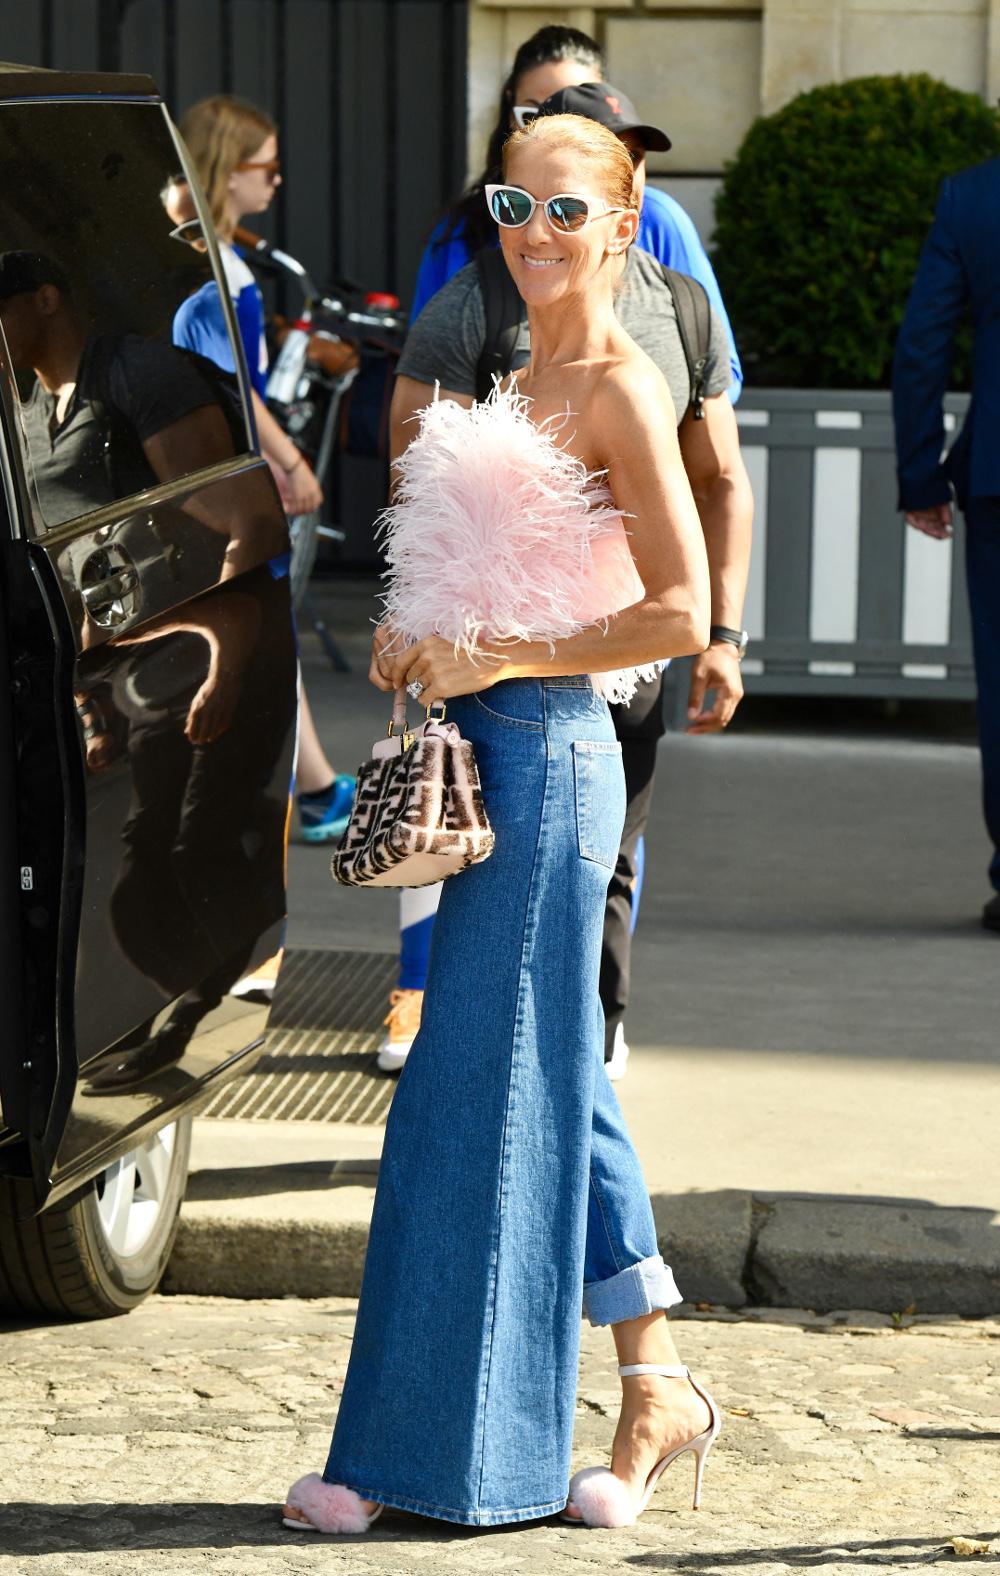 Με fluffy ροζ πέδιλα και φαρδύ τζιν παντελόνι με το ένα μπατζάκι ανασηκωμένο